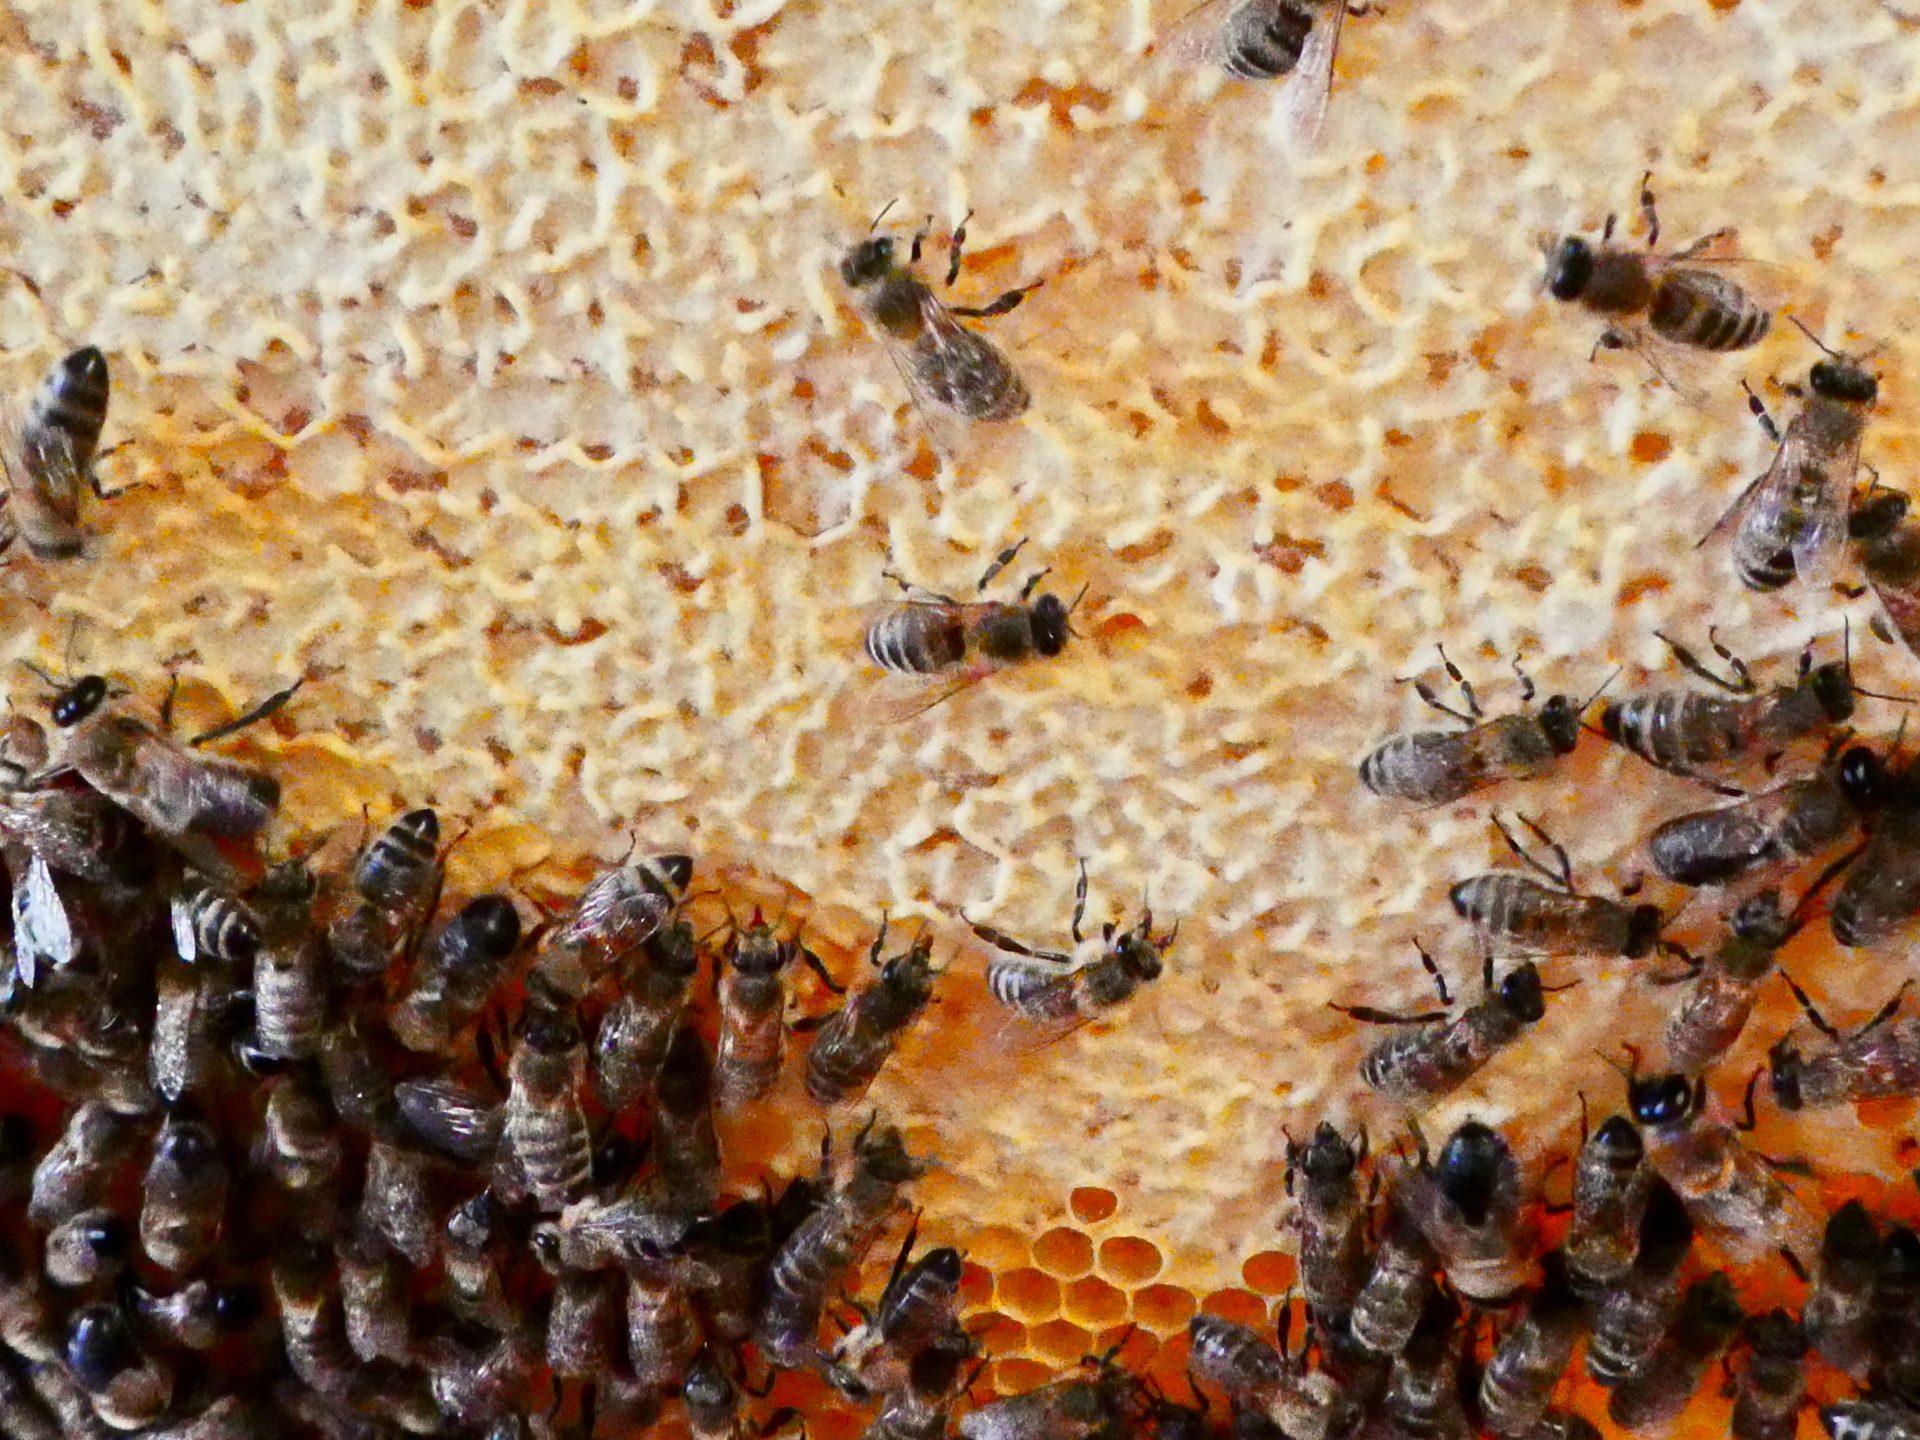 Honig schleudern: Jetzt kann es bald losgehen